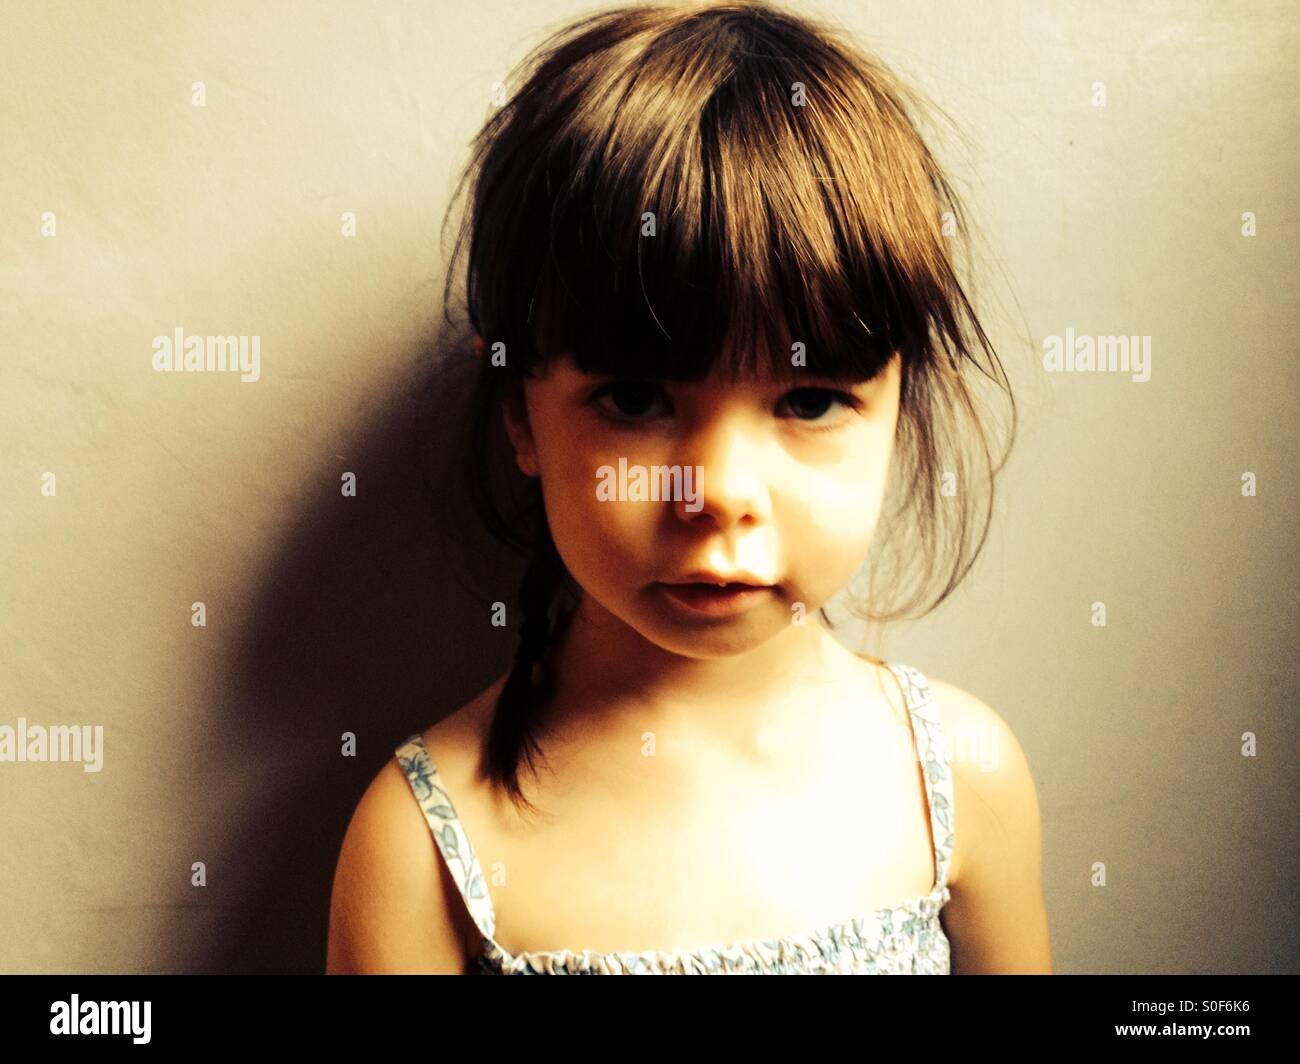 Infelice di 3 anno vecchia ragazza Immagini Stock